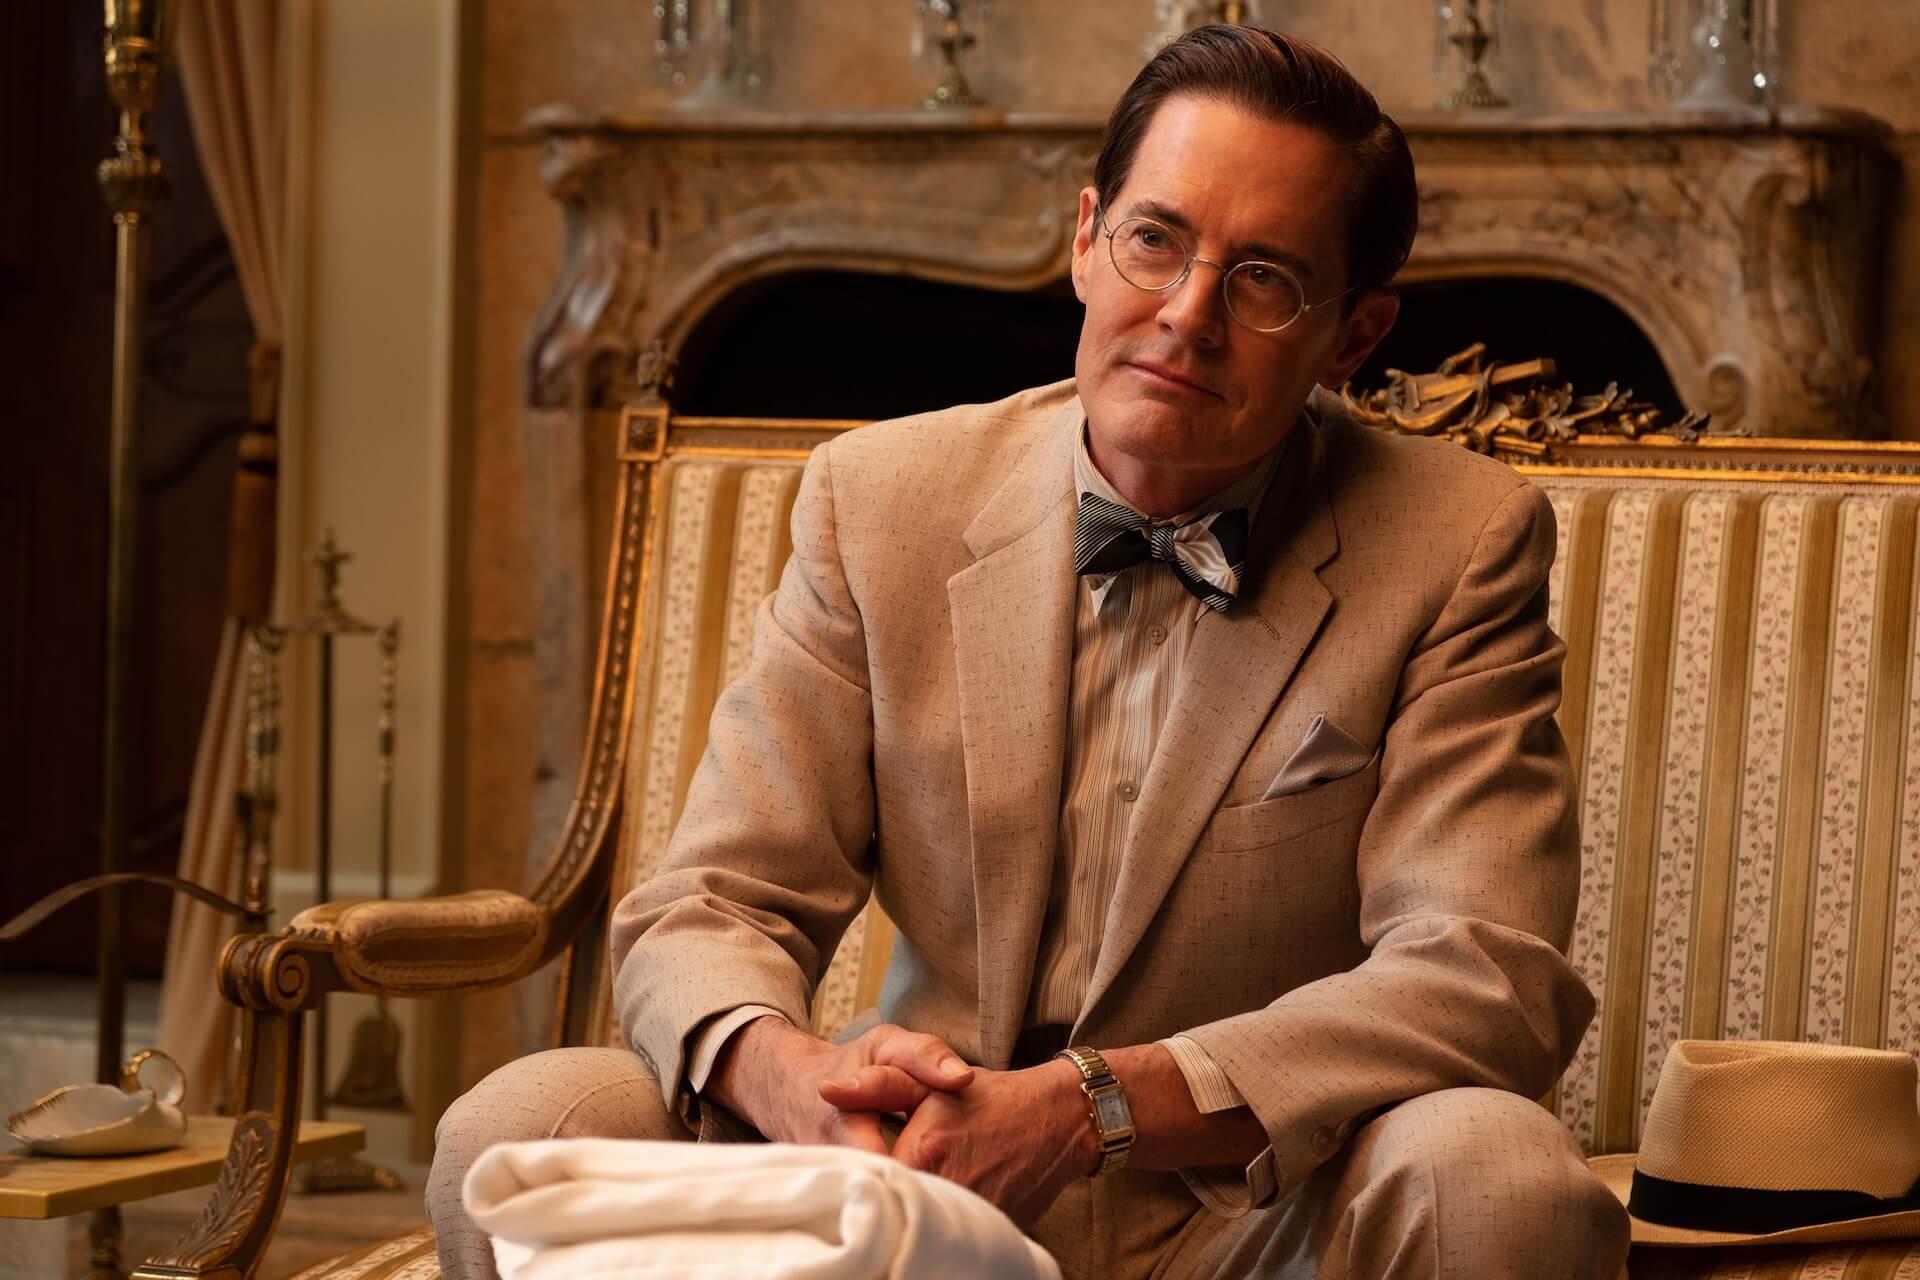 晩年のアル・カポネを演じるトム・ハーディの魅力に迫る!『カポネ』の新場面写真&特別エピソードが到着 film210125_capone_10